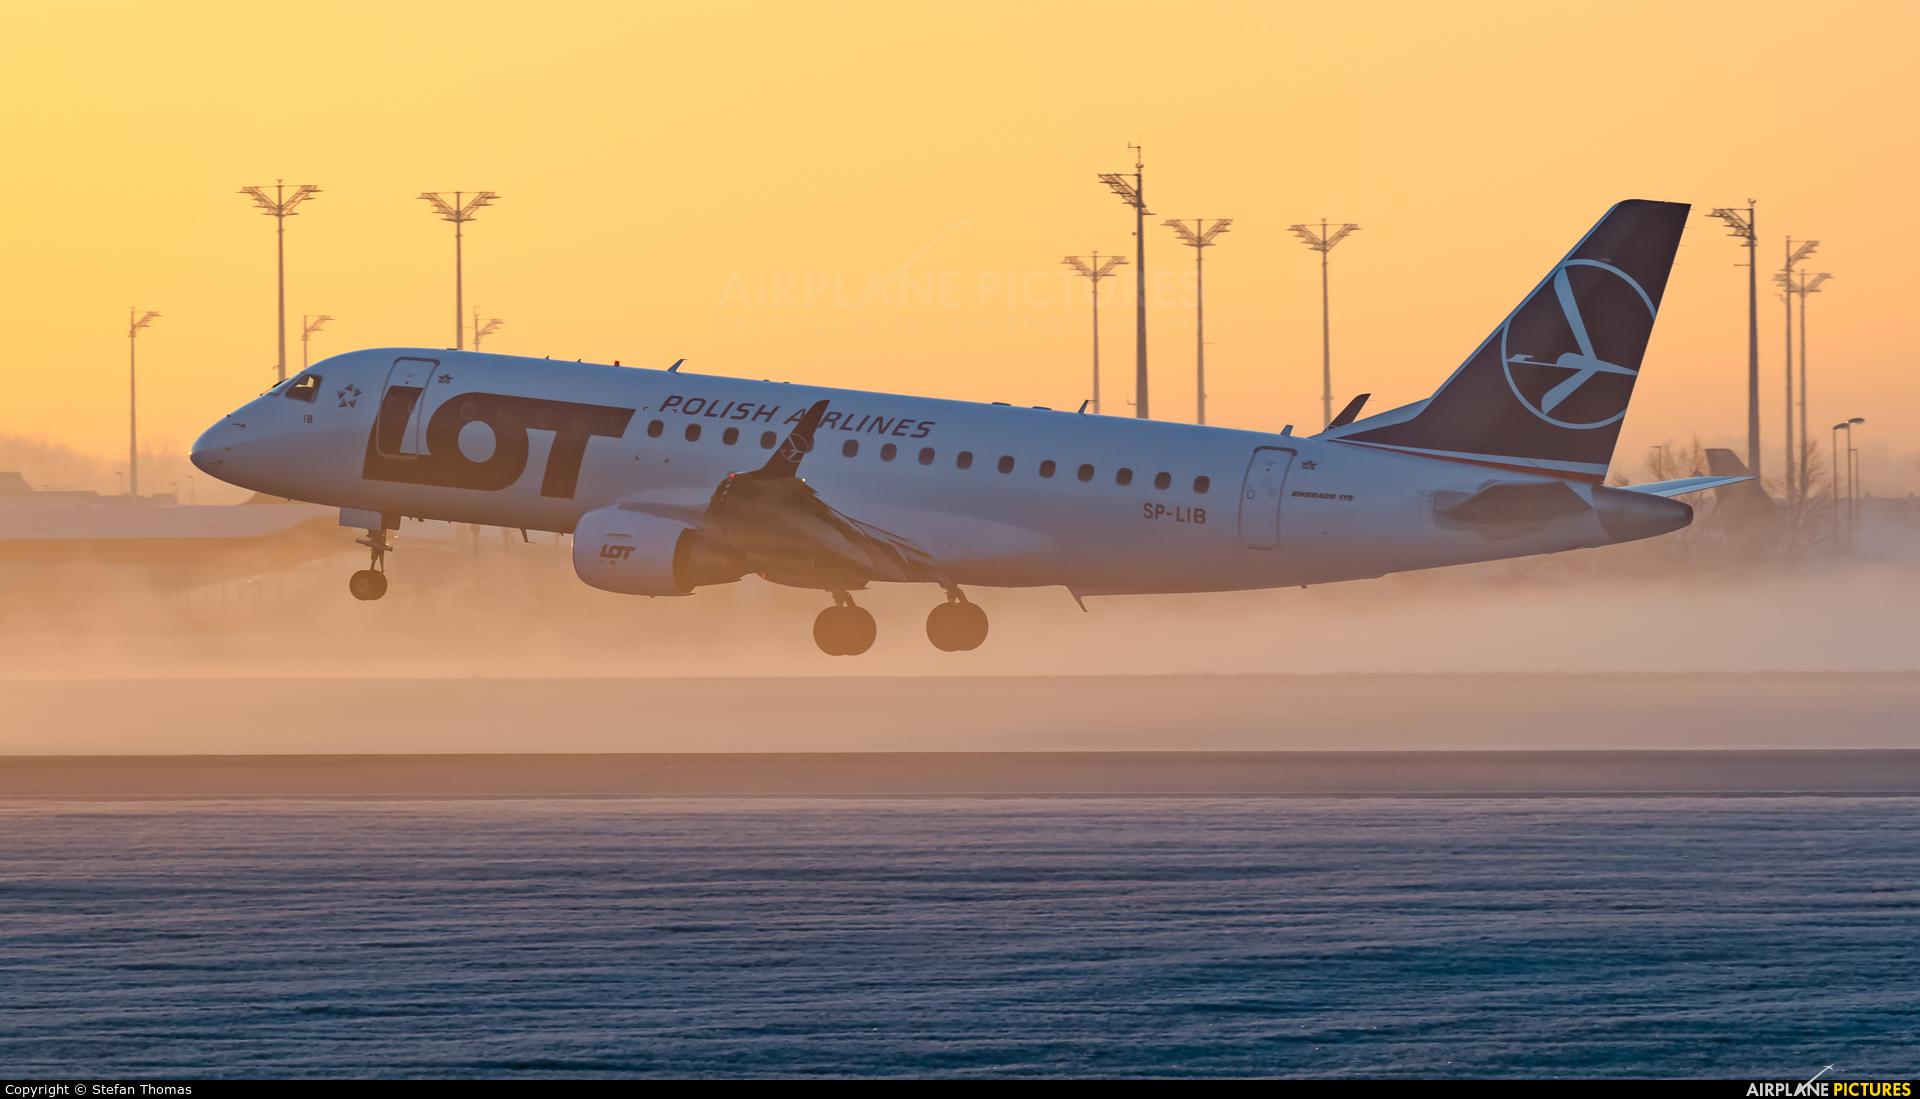 LOT - Polish Airlines SP-LIB aircraft at Munich